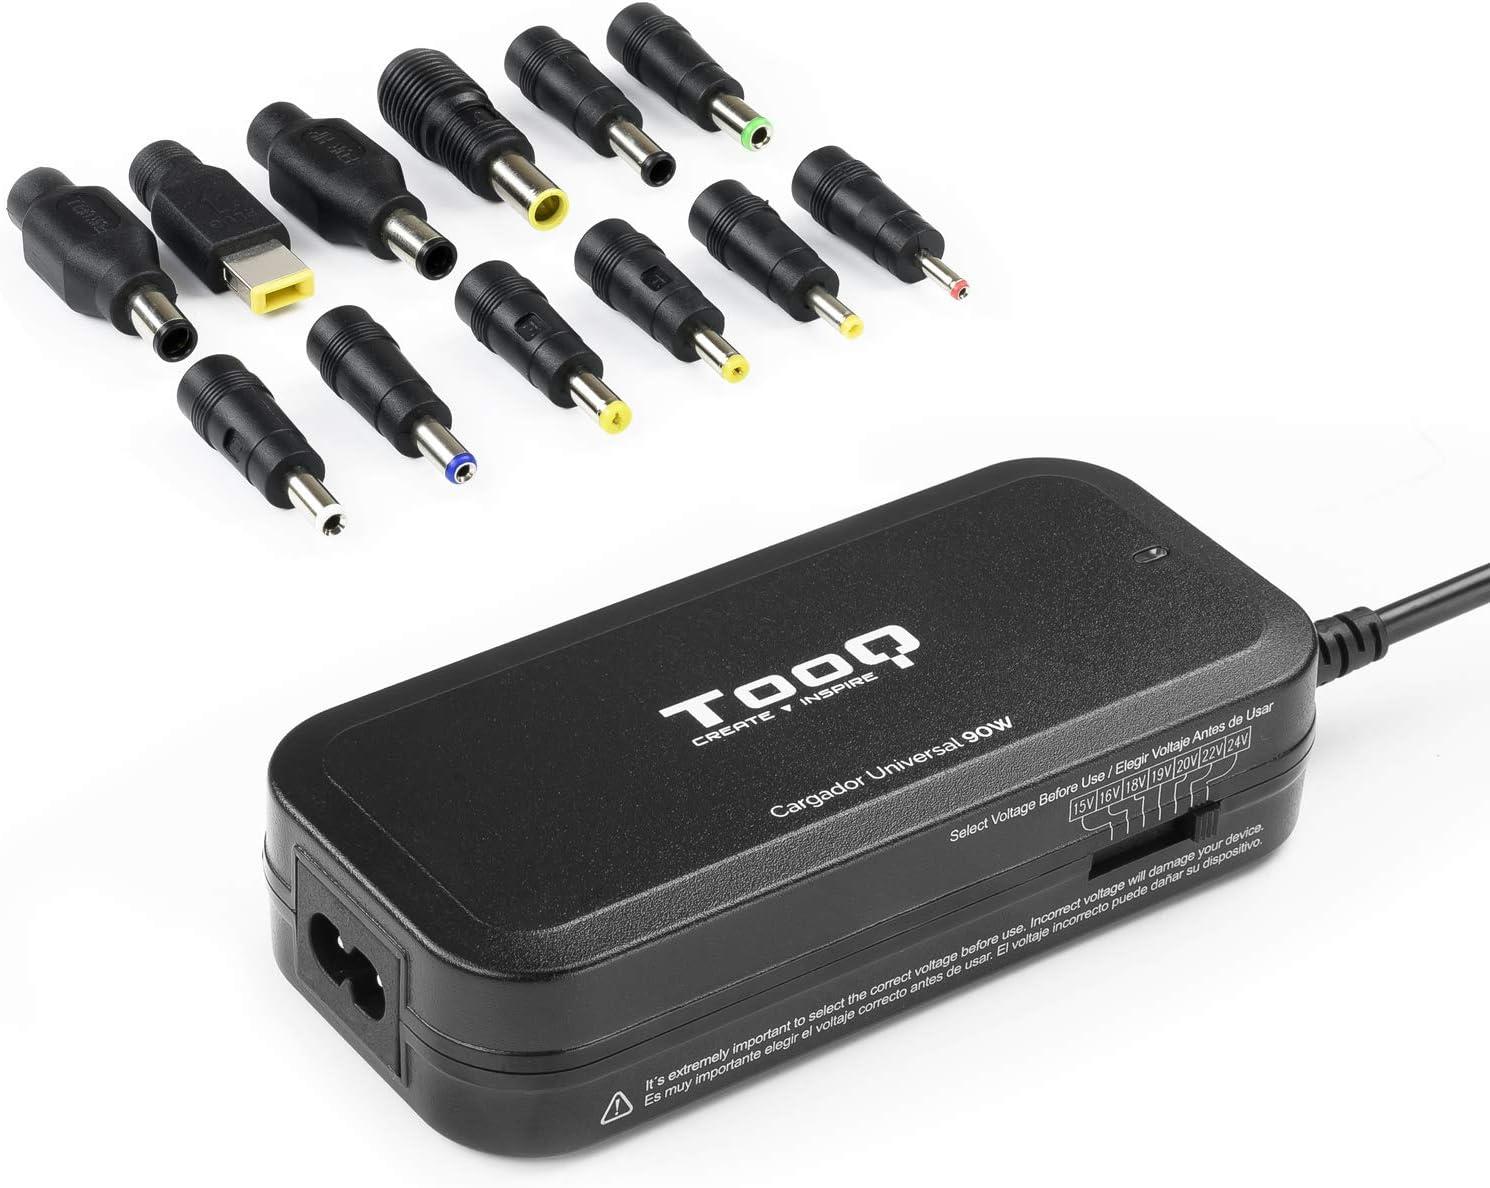 TooQ TQLC-90BS02M - Cargador Universal de 90 W para Ordenador portátil, Salida USB para Cargar Dispositivos, Incluye 12 Conectores Intercambiables DC Multitensión, (100-240V), Color Negro